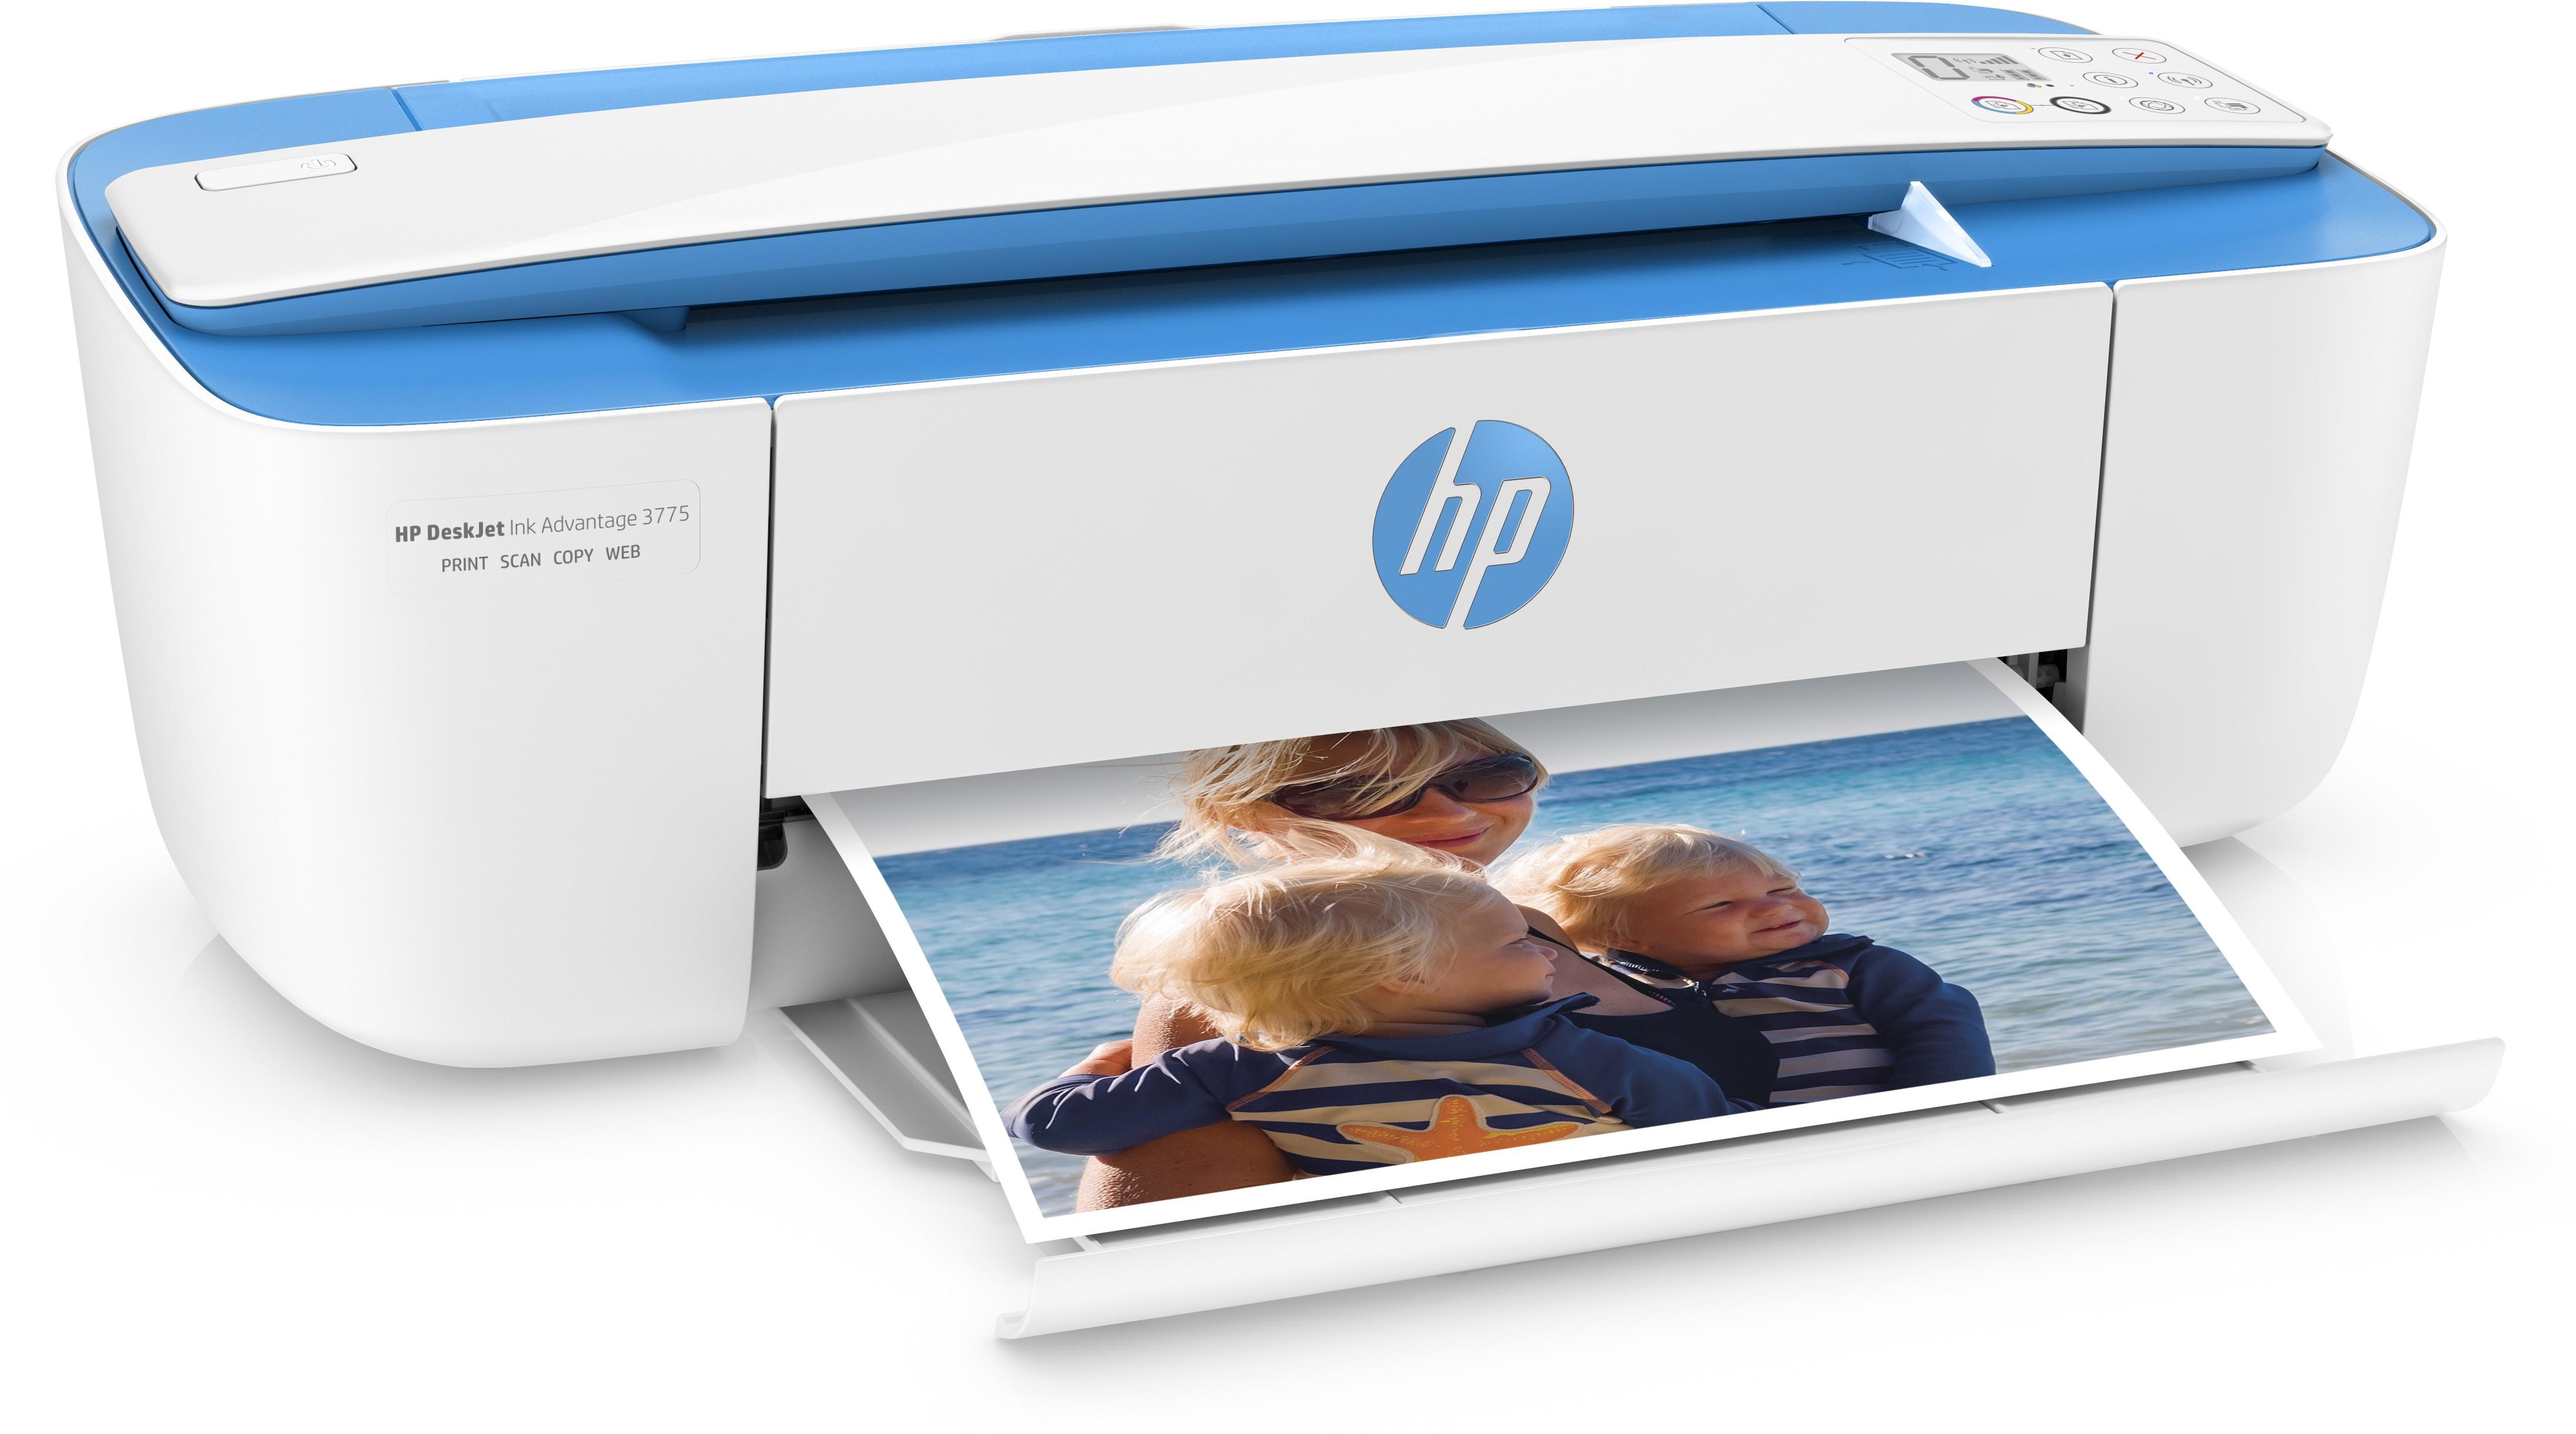 Deals - Behror - Extra ₹600 off <br> HP Deskjet<br> Category - computers<br> Business - Flipkart.com